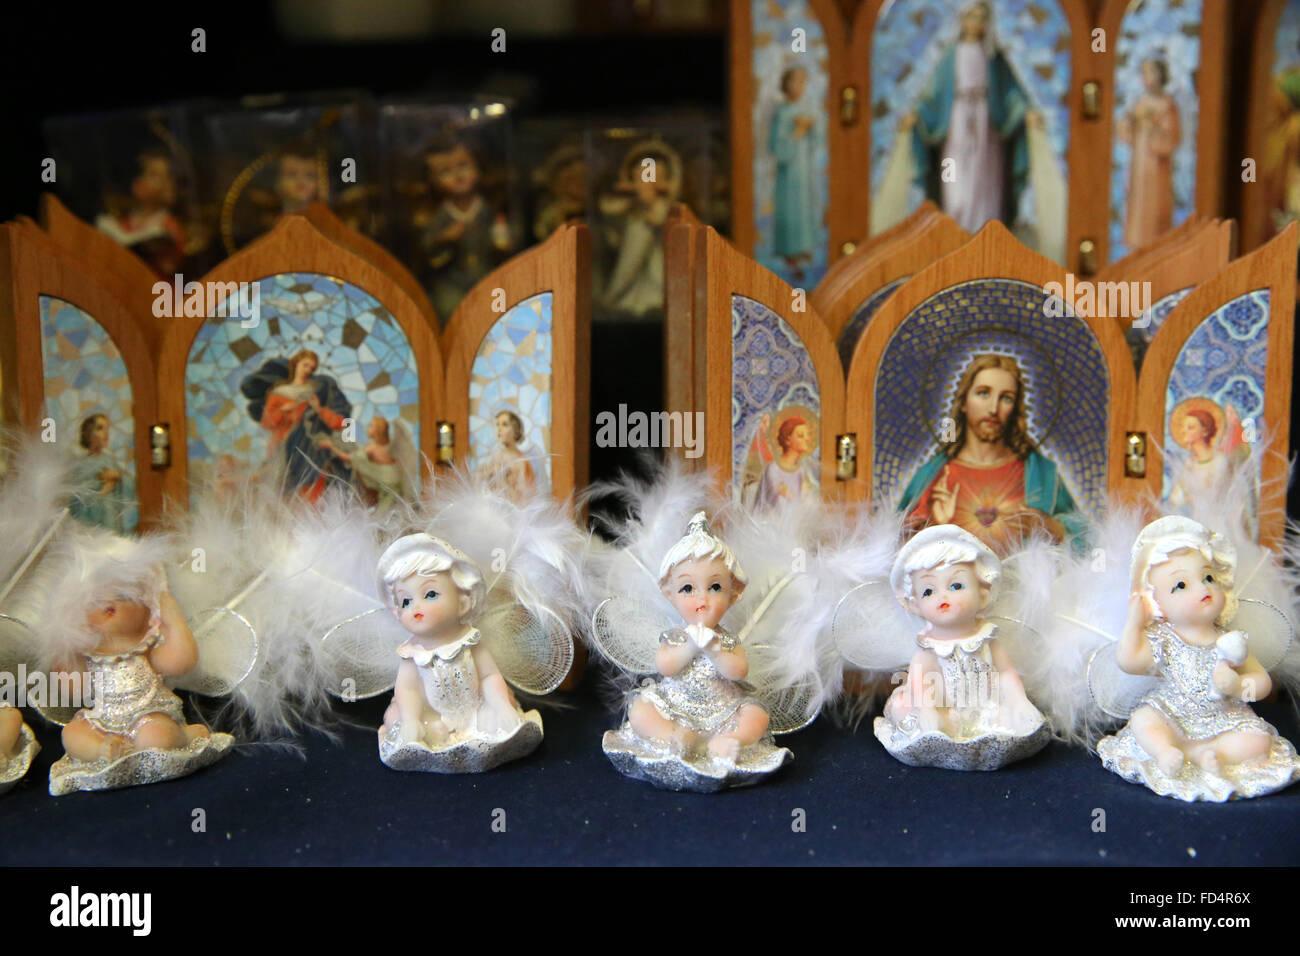 Tienda de la fe católica. Los artículos religiosos. Los Ángeles. Imagen De Stock